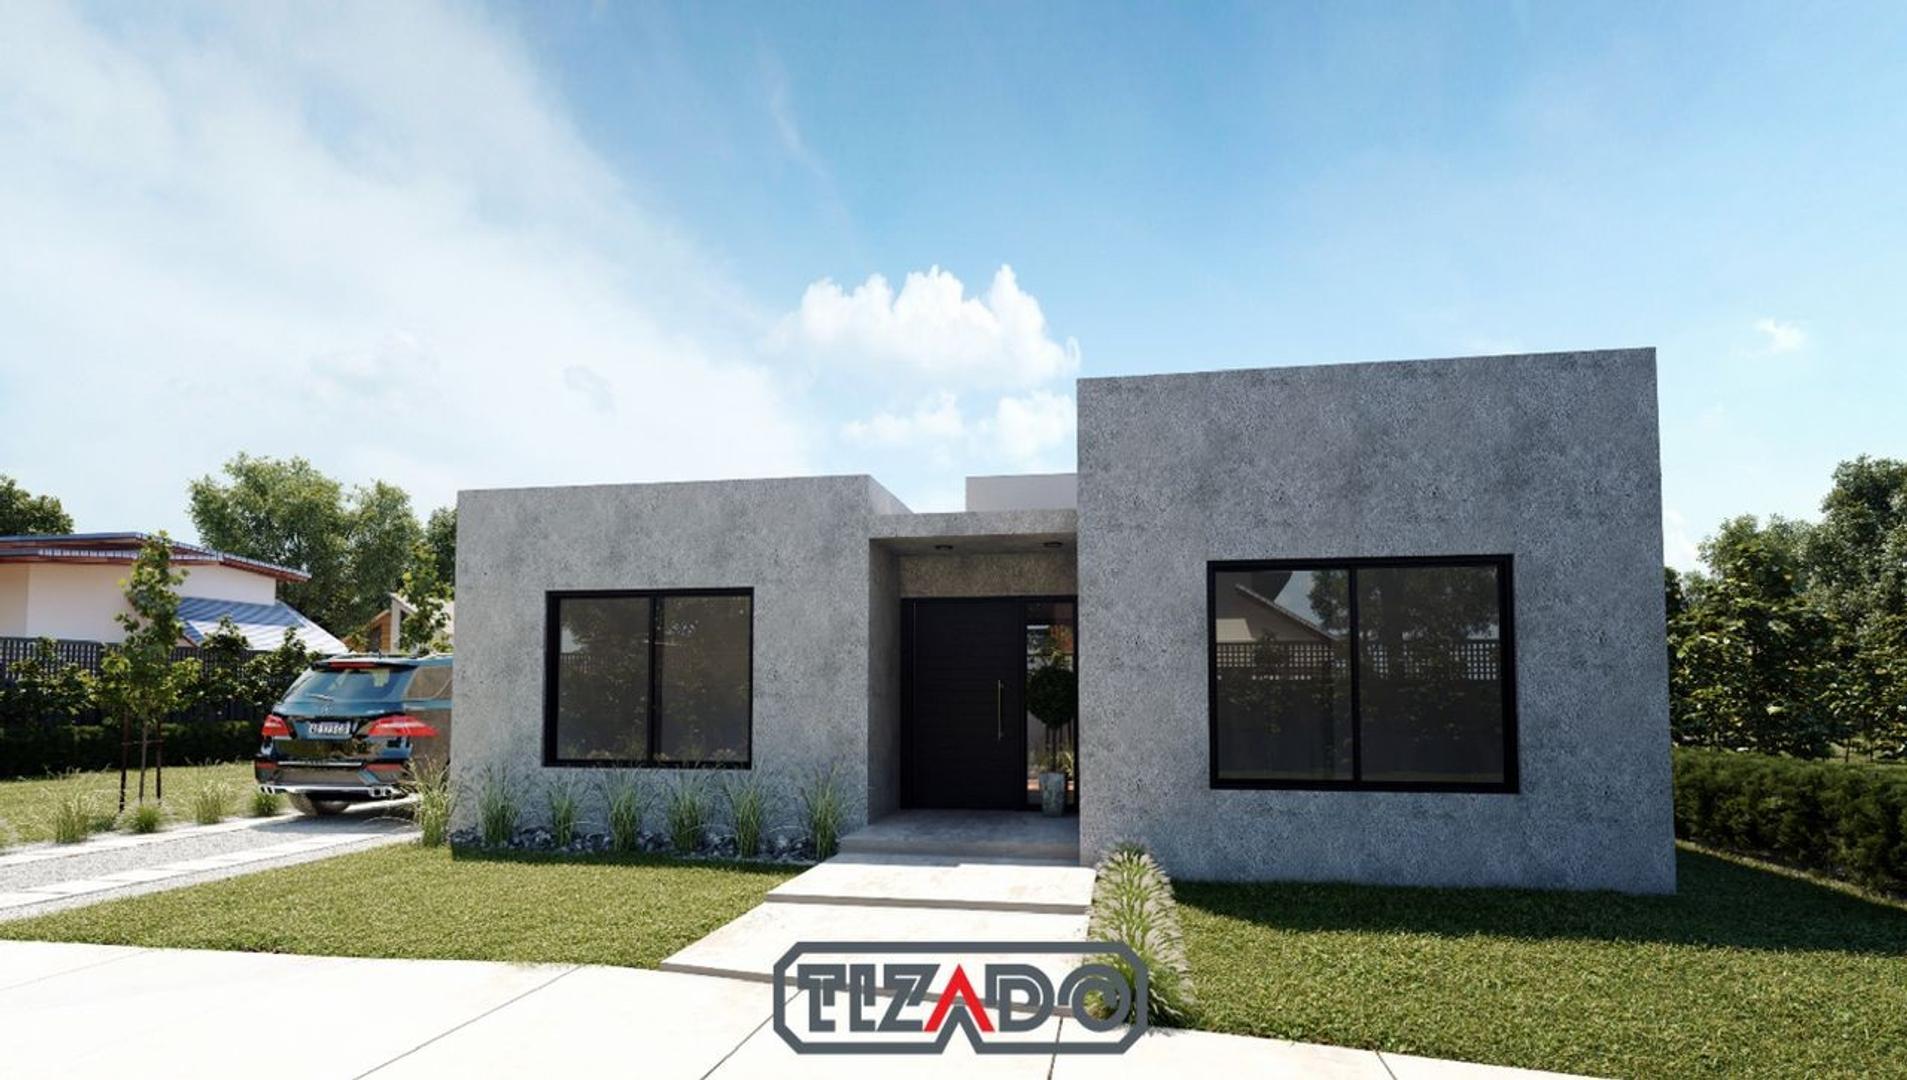 Casa  en Venta ubicado en La Cañada de Pilar, Pilar y Alrededores - PIL3828_LP169385_1